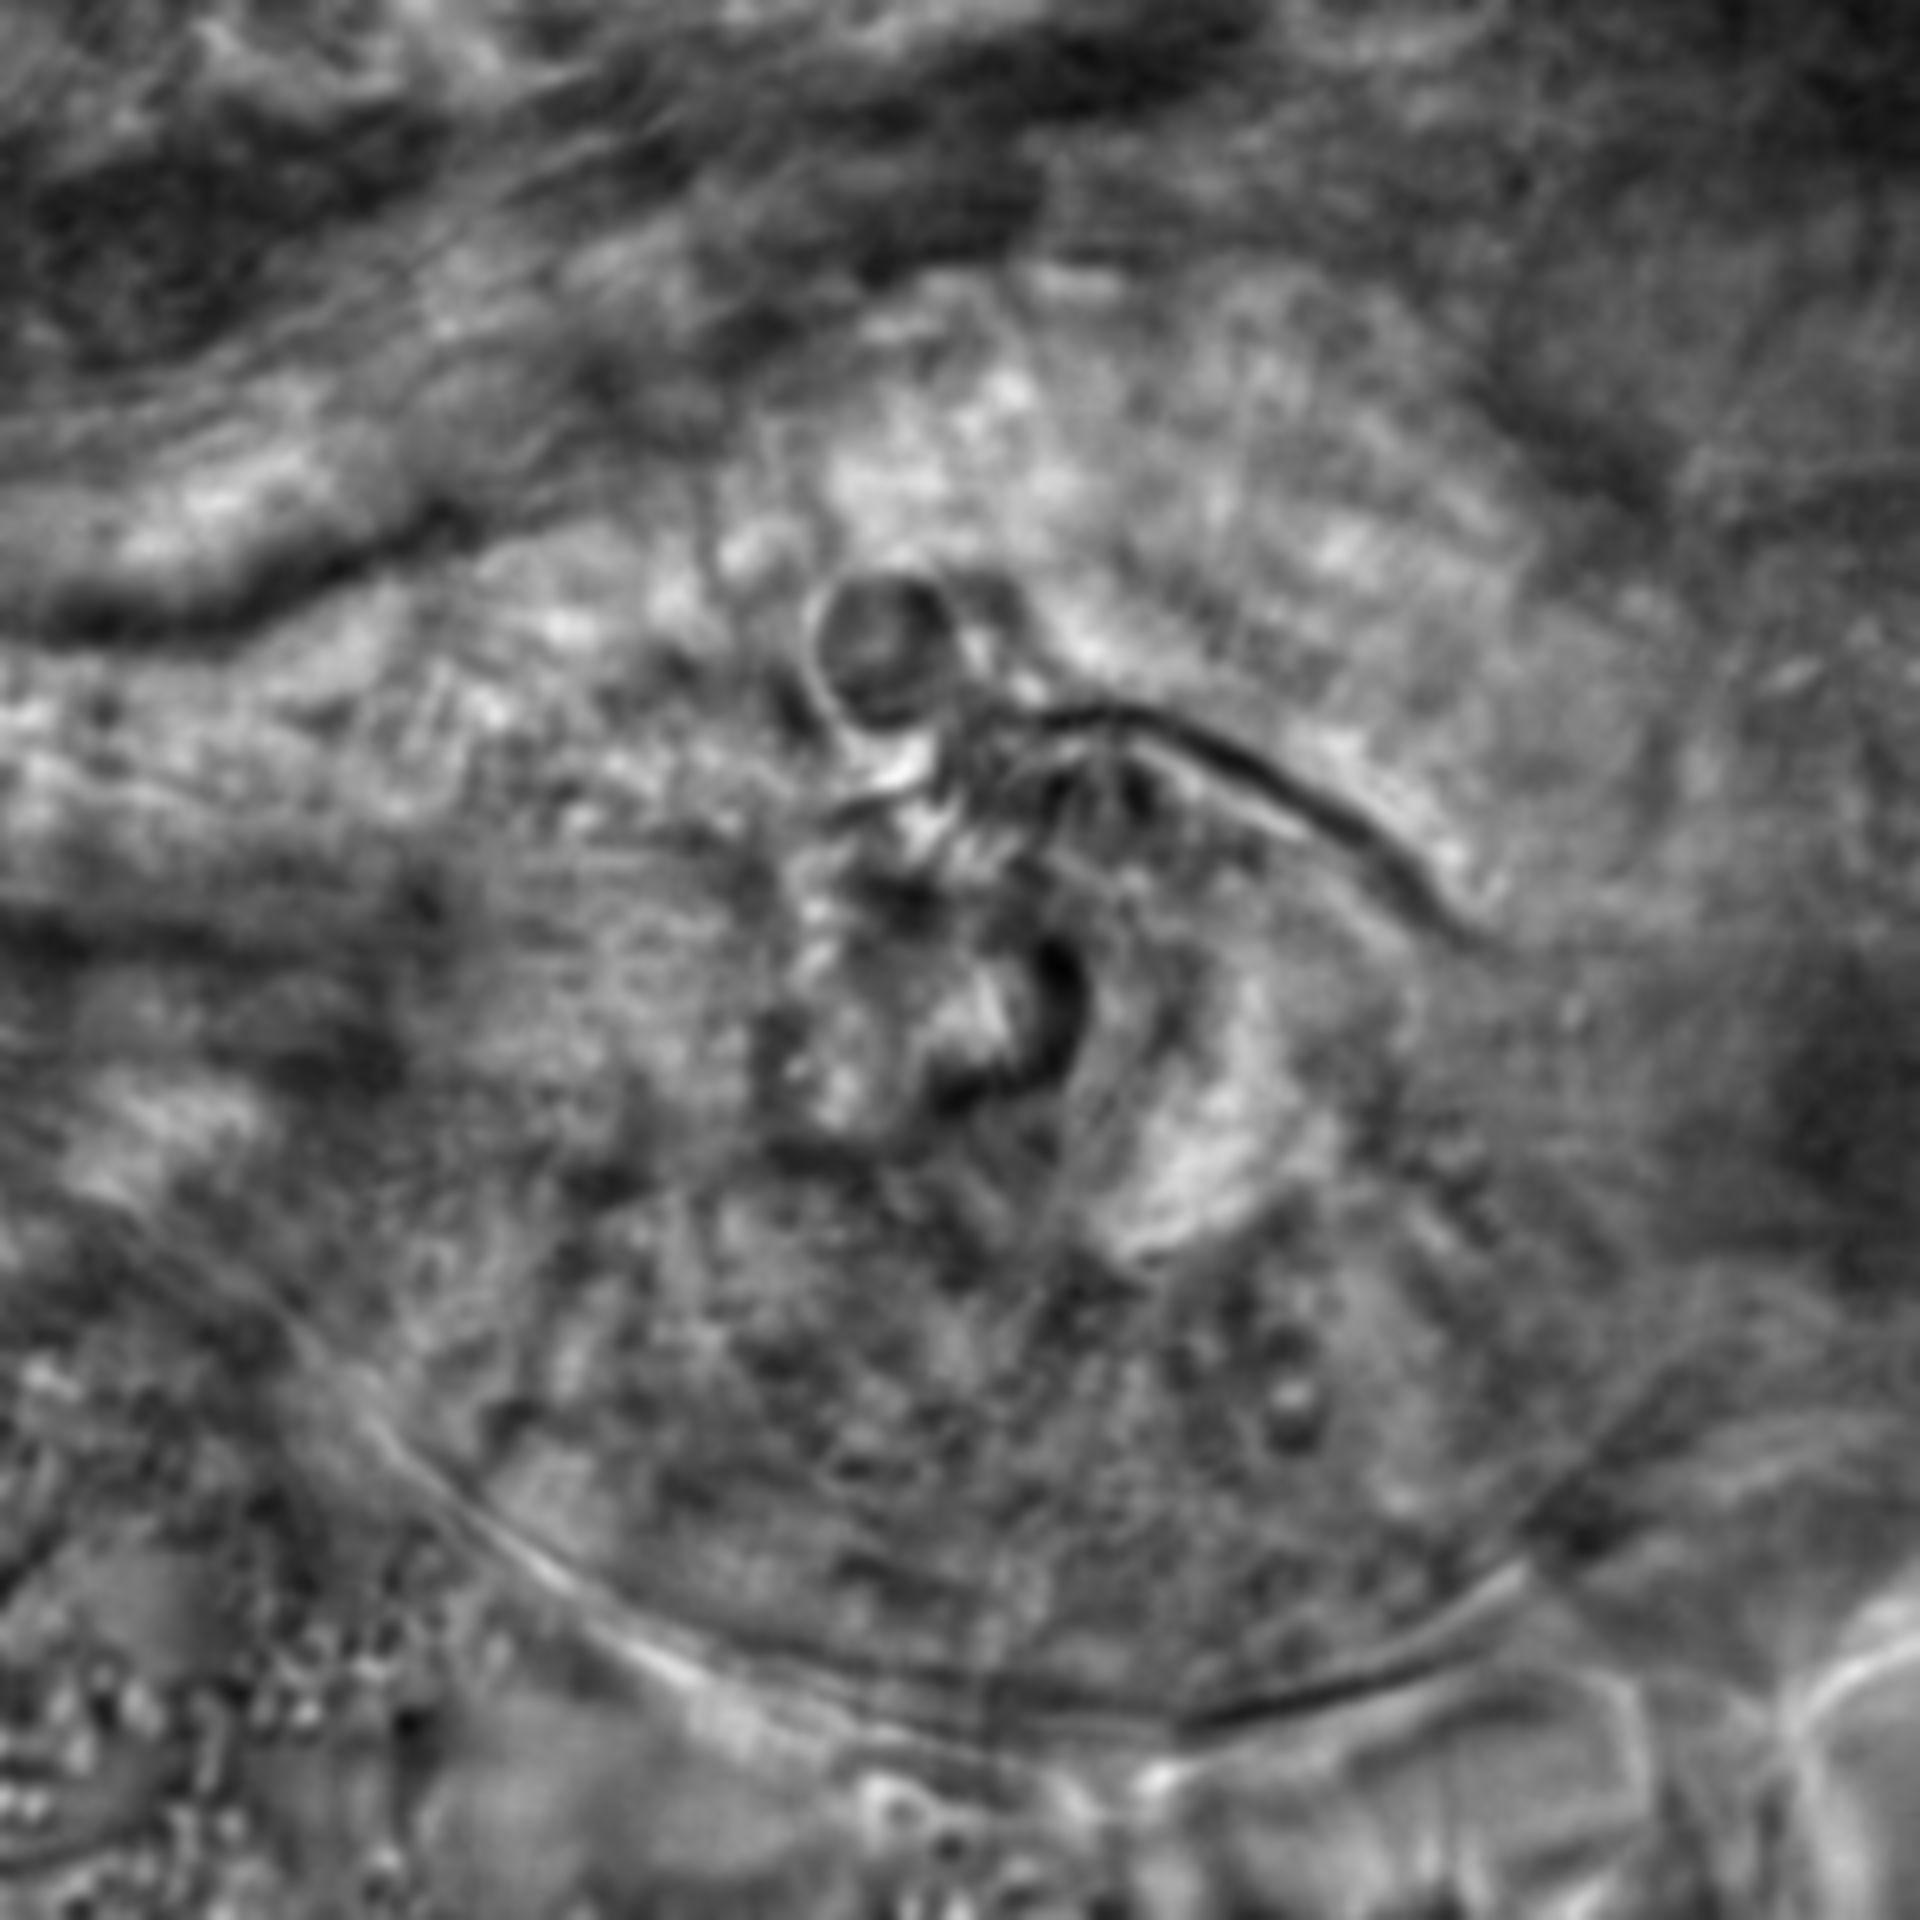 Caenorhabditis elegans - CIL:2696